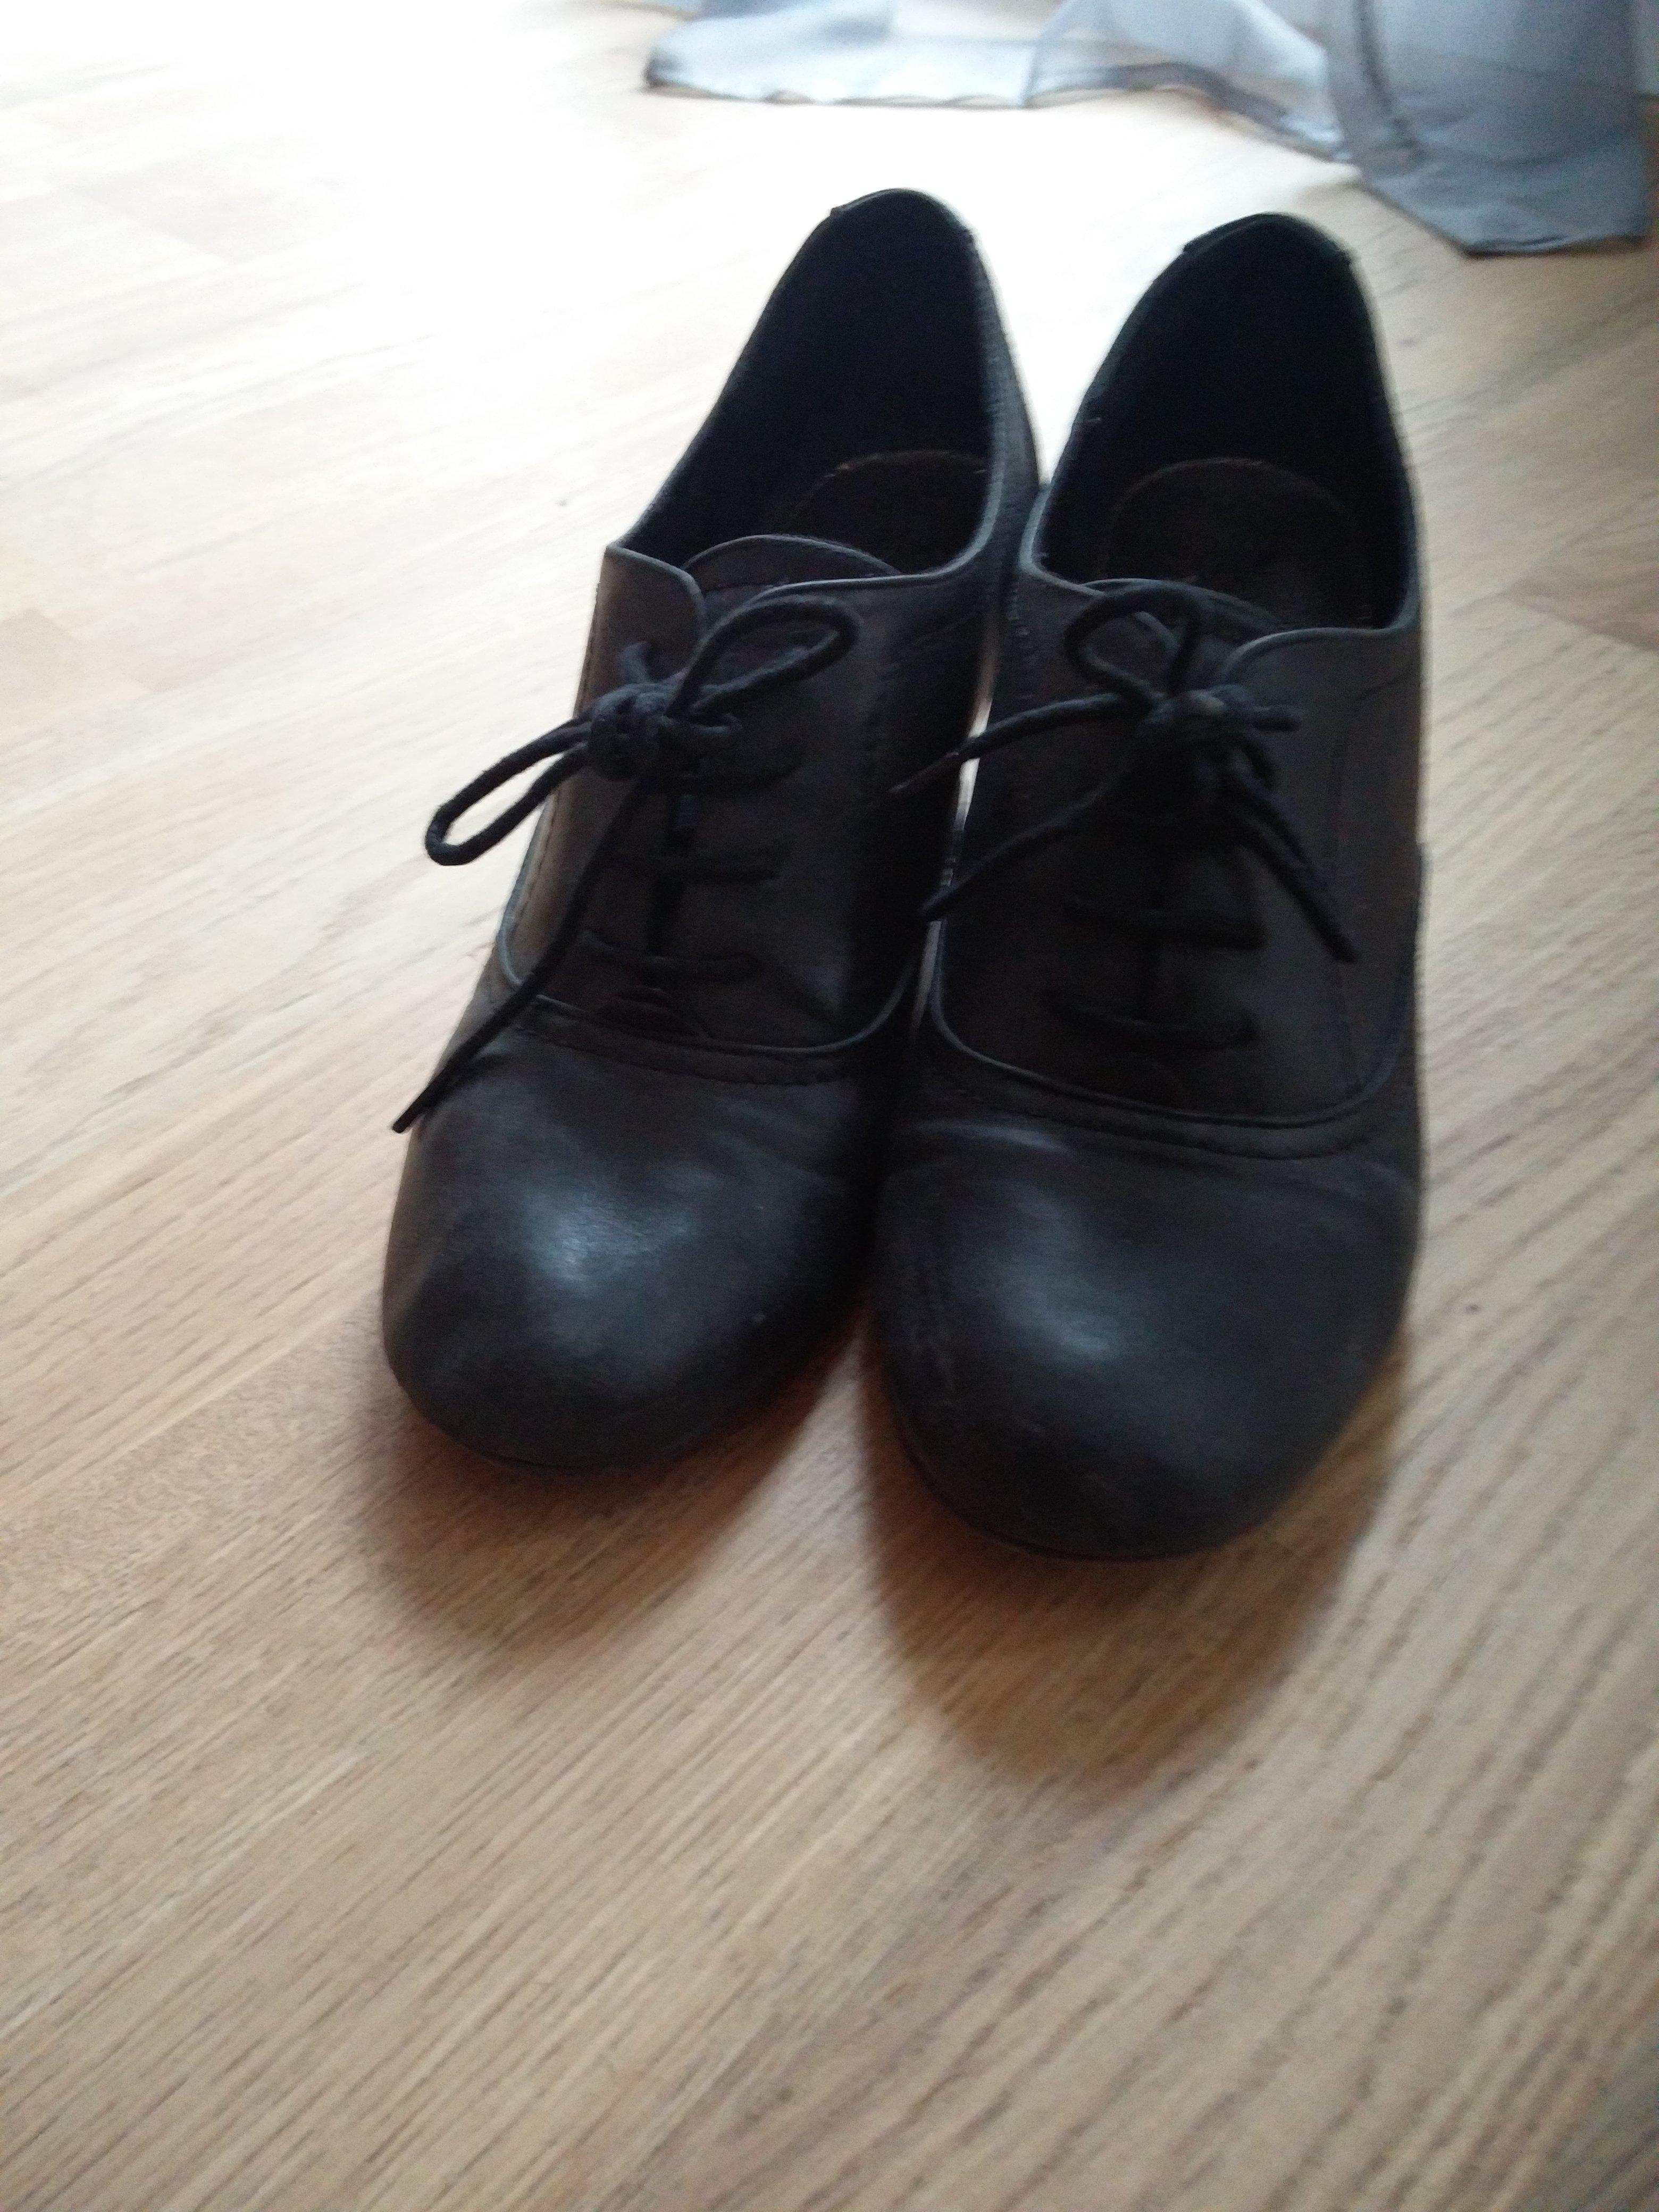 troc de troc chaussure derbies à talon noires image 2